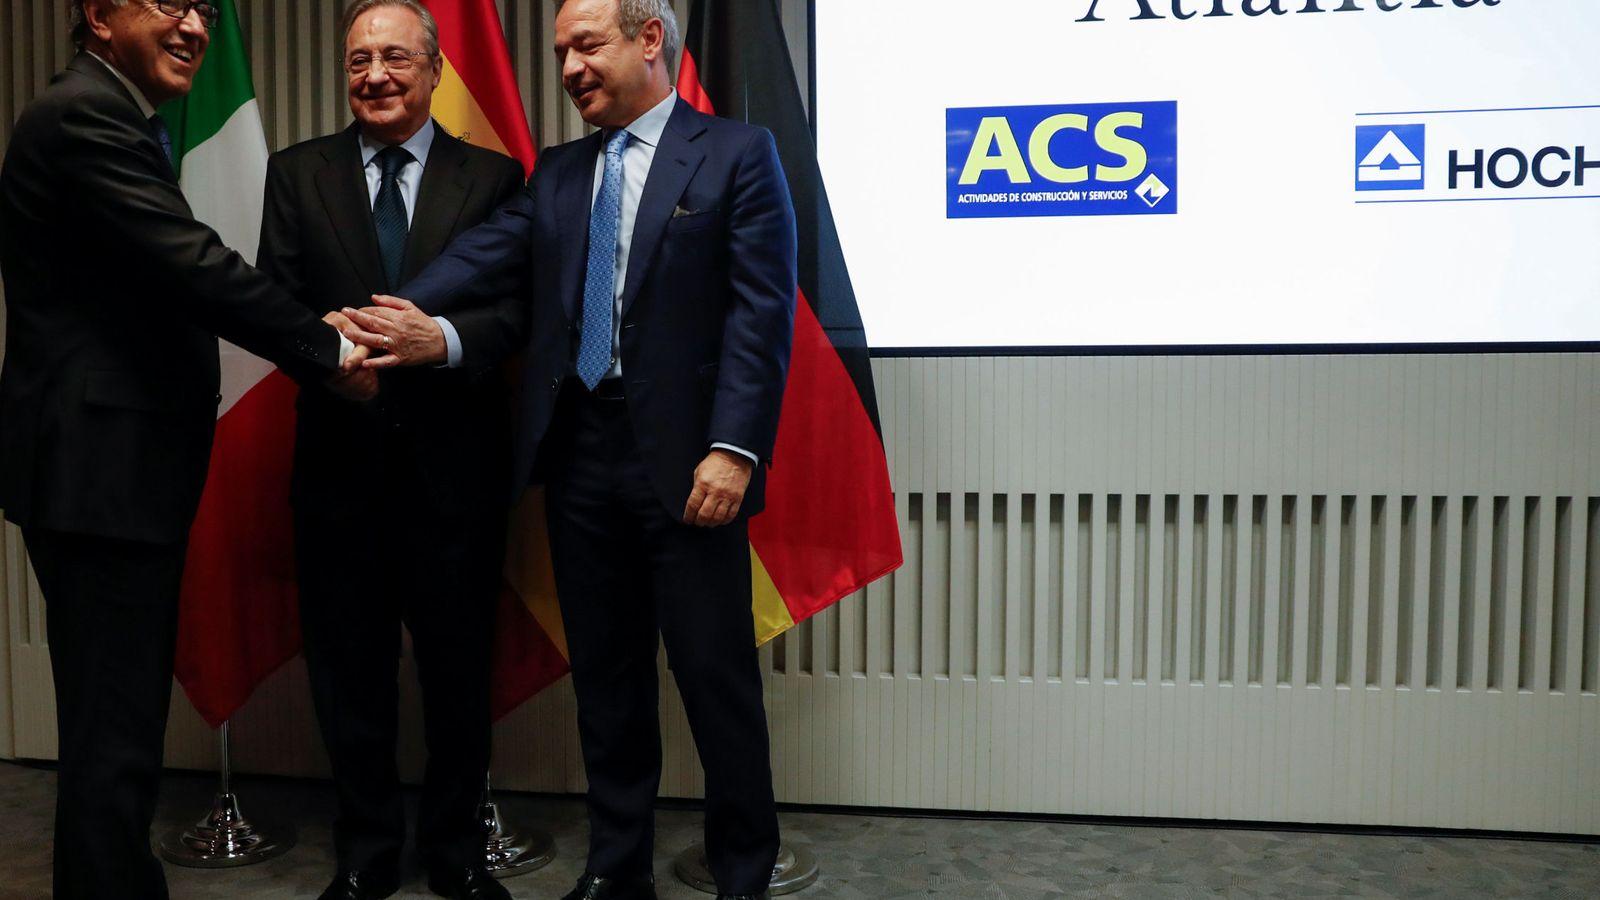 Foto: Giovanni Castellucci, CEO de Atlantia, Florentino Perez, presidente de ACS, y Marcelino Fernandez, presidente de Hochtief (REUTERS)